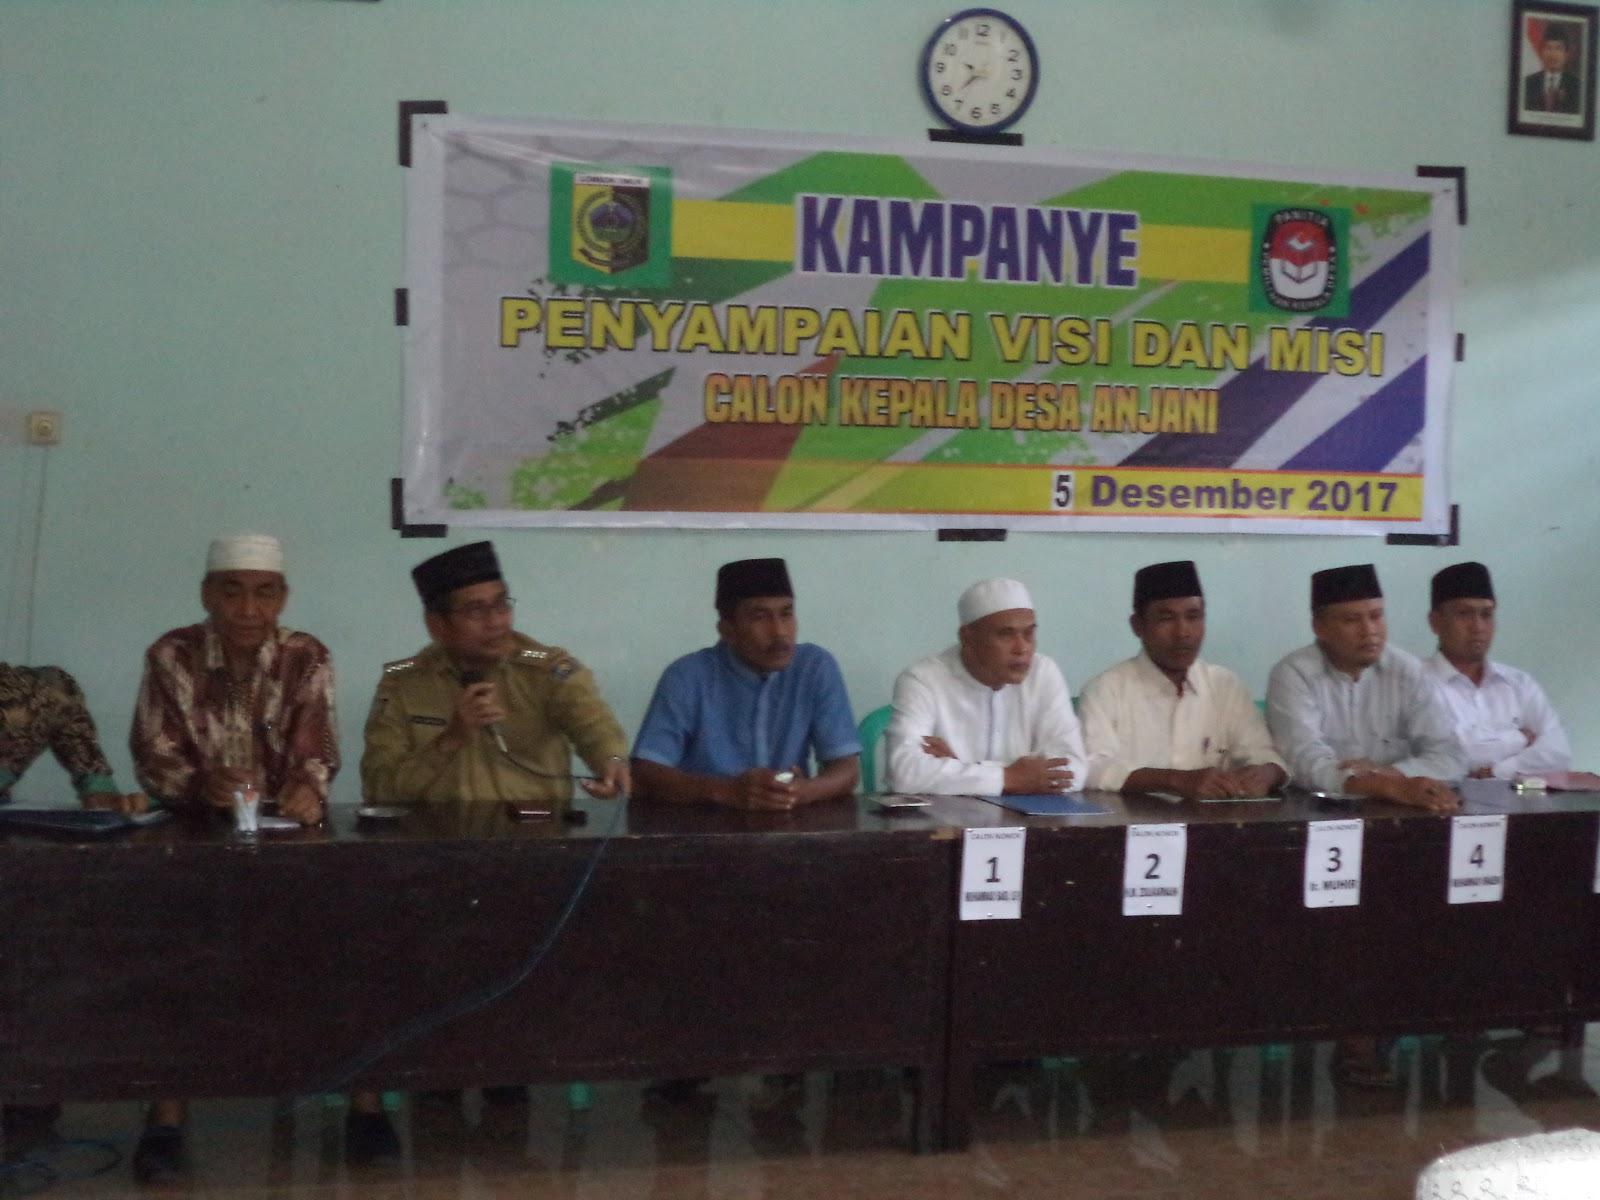 Penyampaian Visi Dan Misi Calon Kepala Desa Anjani Periode 2018 2024